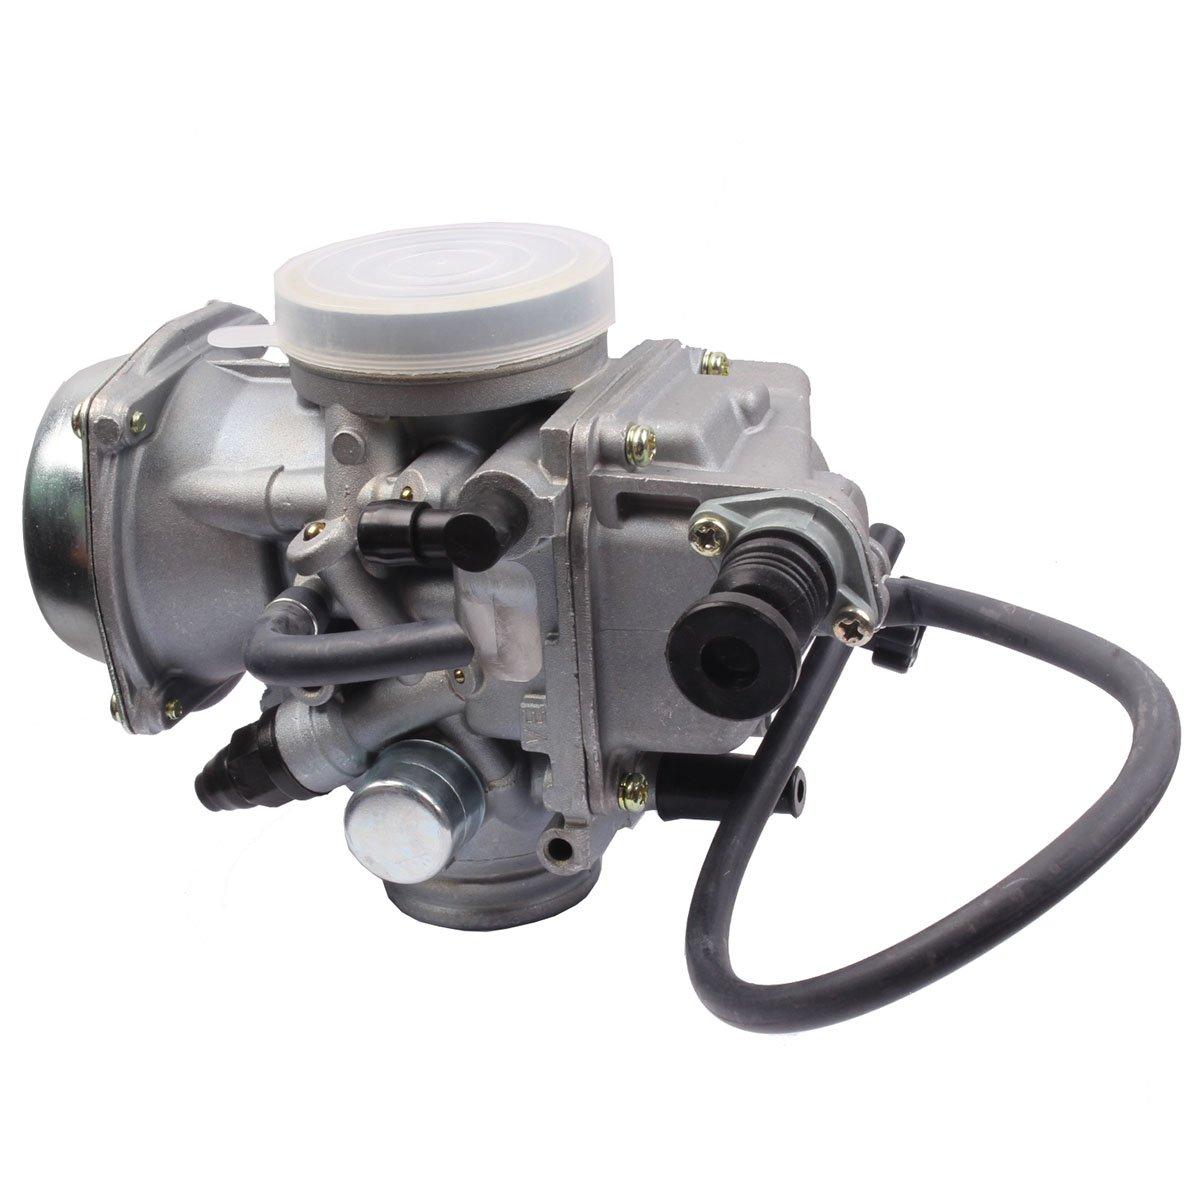 HONDA TRX350 ATV CARBURETOR TRX 350 RANCHER 350ES/FE/FMTE/TM/CARB 2000-2006 TRX300 1988-2000 TRX400 TRX 400FW Foreman CARB, TRX 450 Carburetor TRX450FE 450FE FE Foreman CARB by BETOOLL (Image #5)